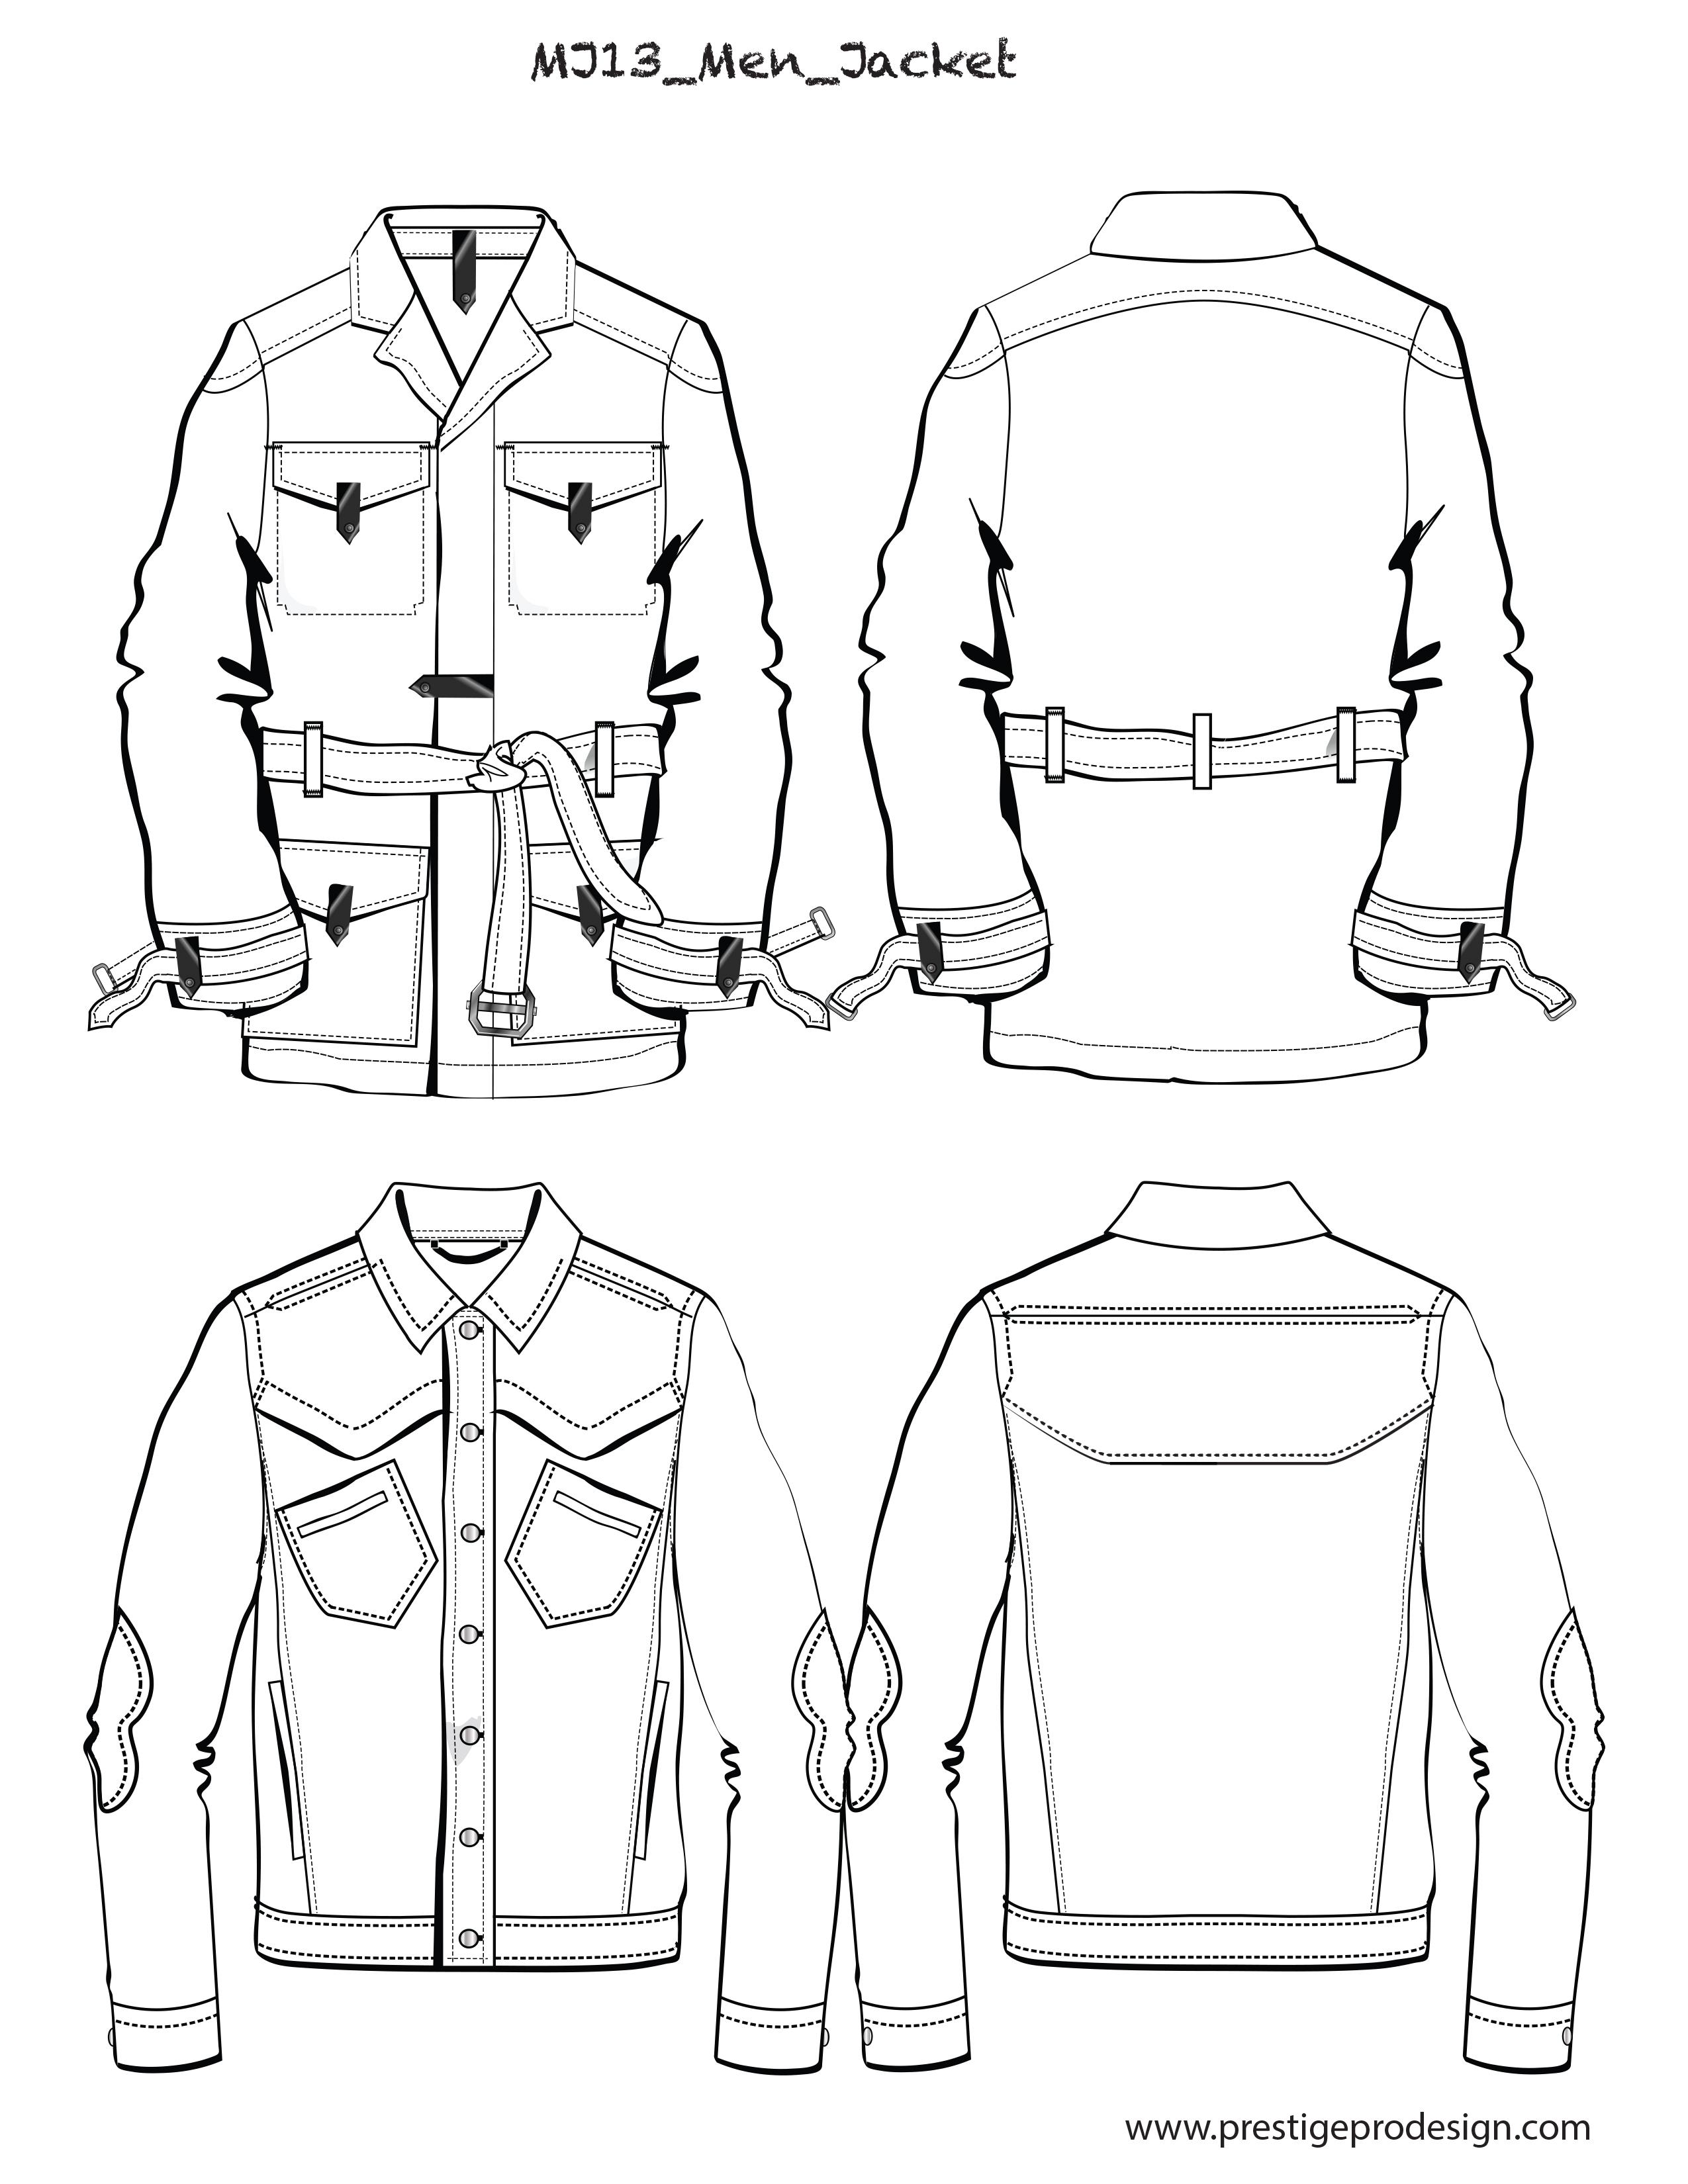 Sheepskin Leather Er Jacket